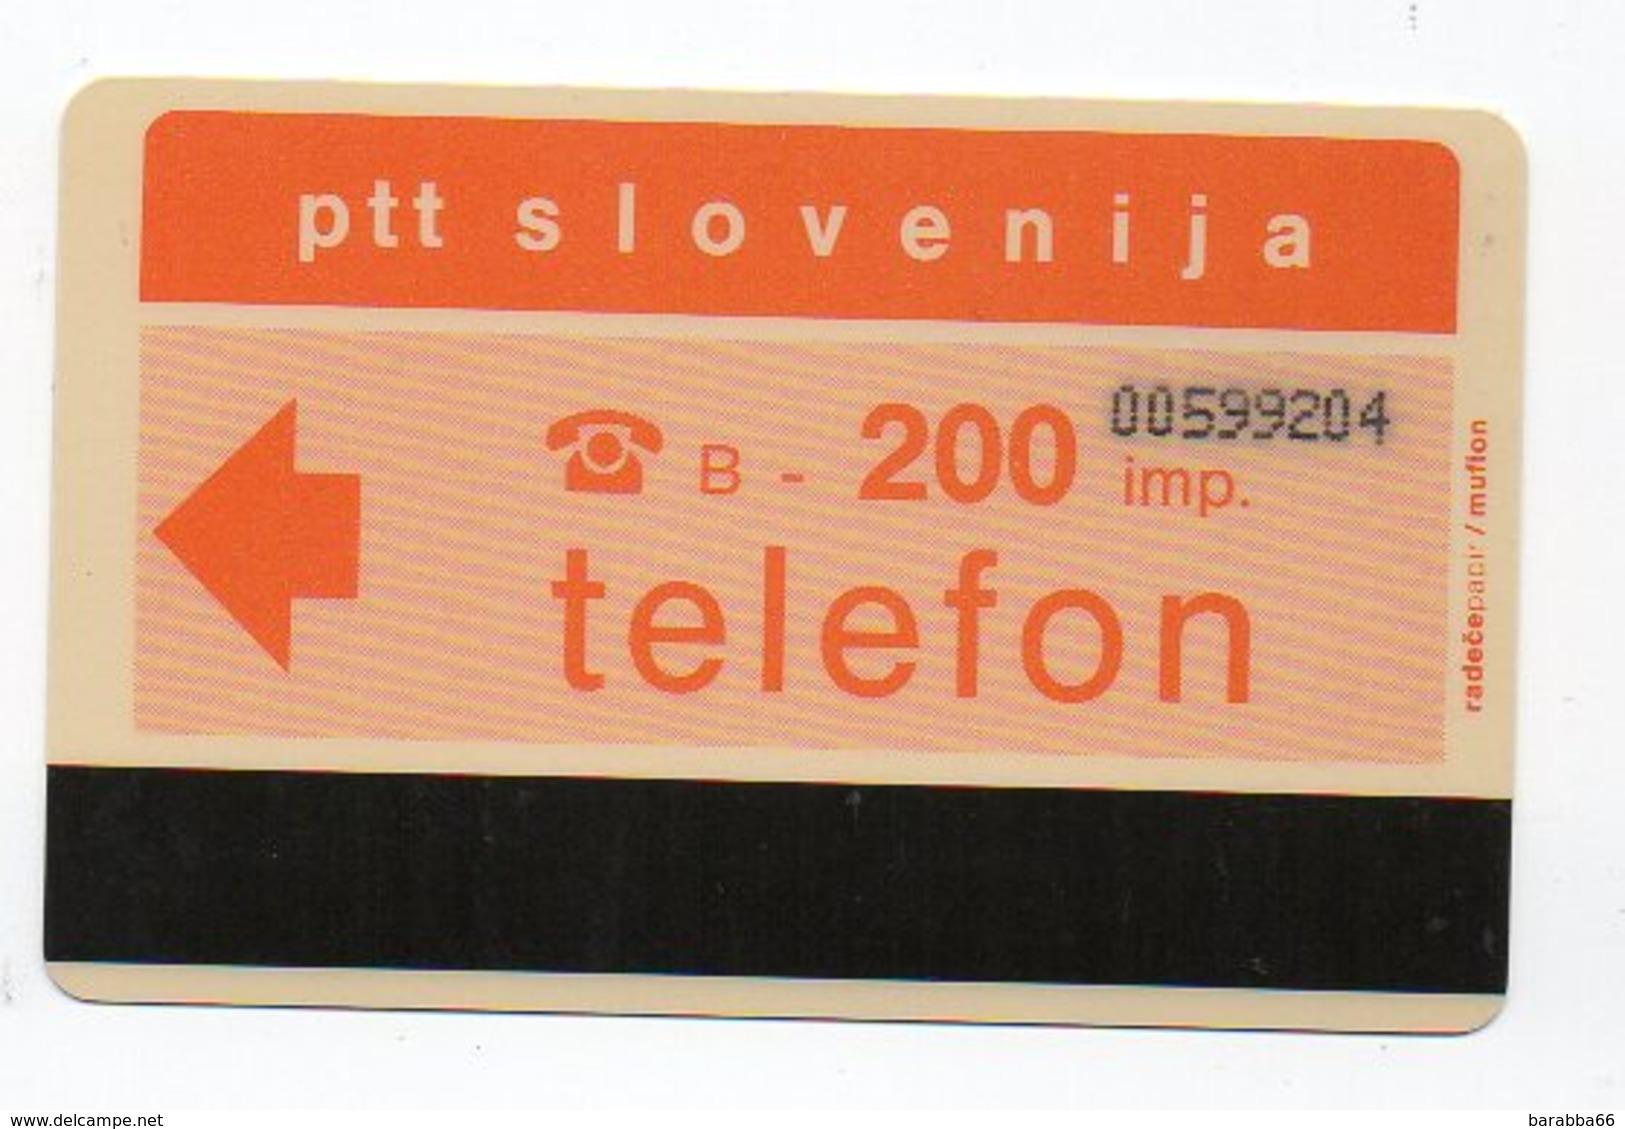 Ptt Slovenija - Telefon -  200 Imp. - Slovénie